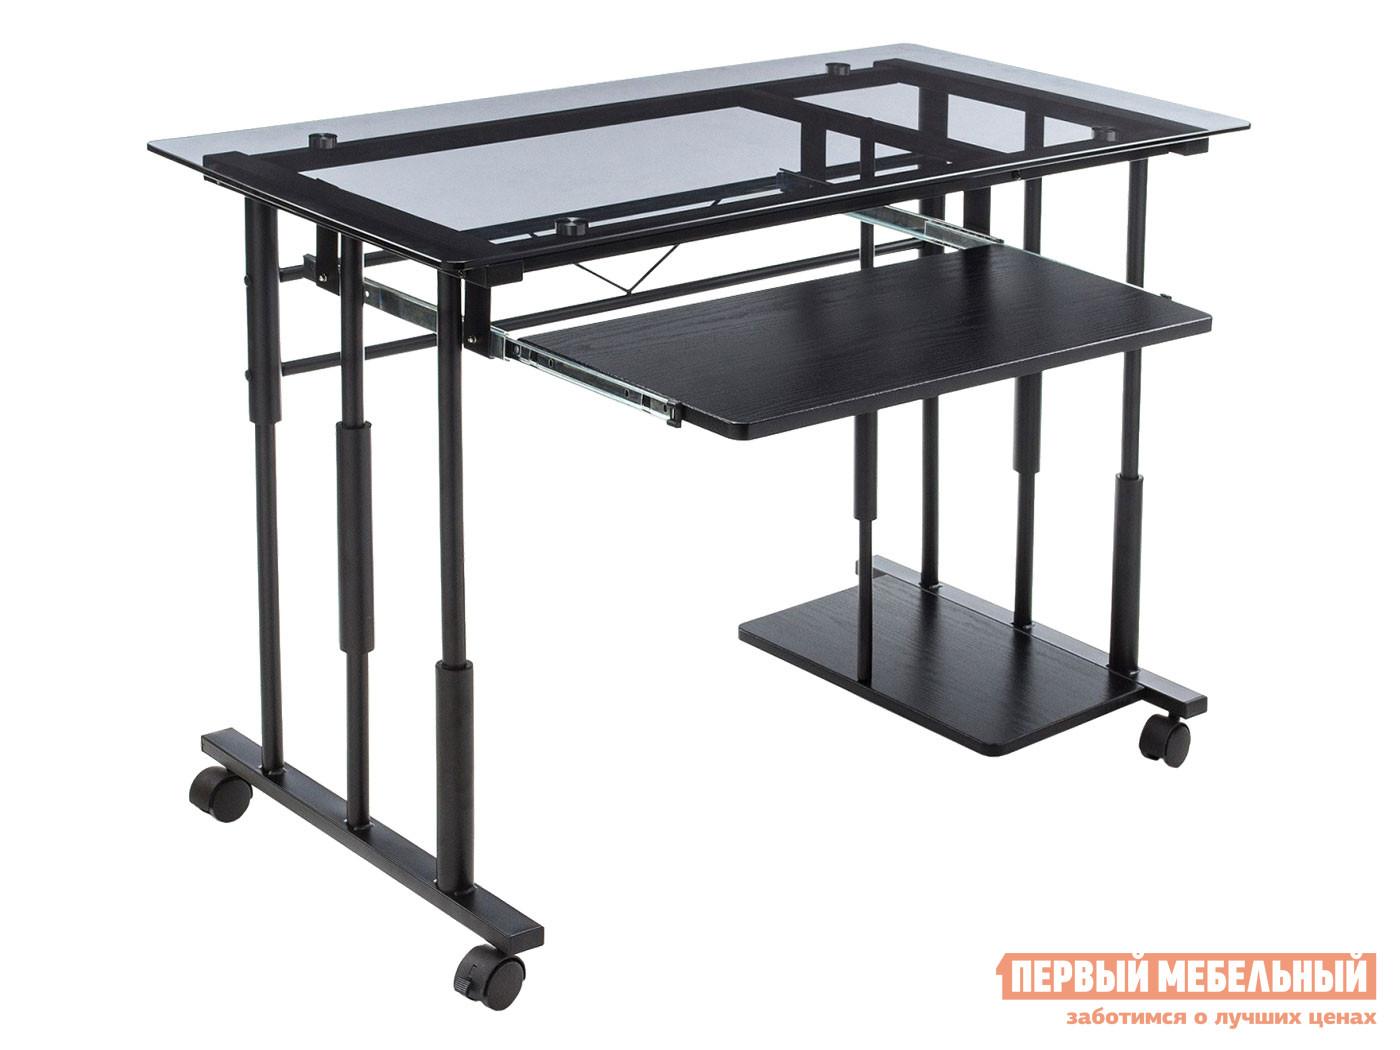 Фото - Компьютерный стол Первый Мебельный Vesta компьютерный стол первый мебельный комфорт 12 72